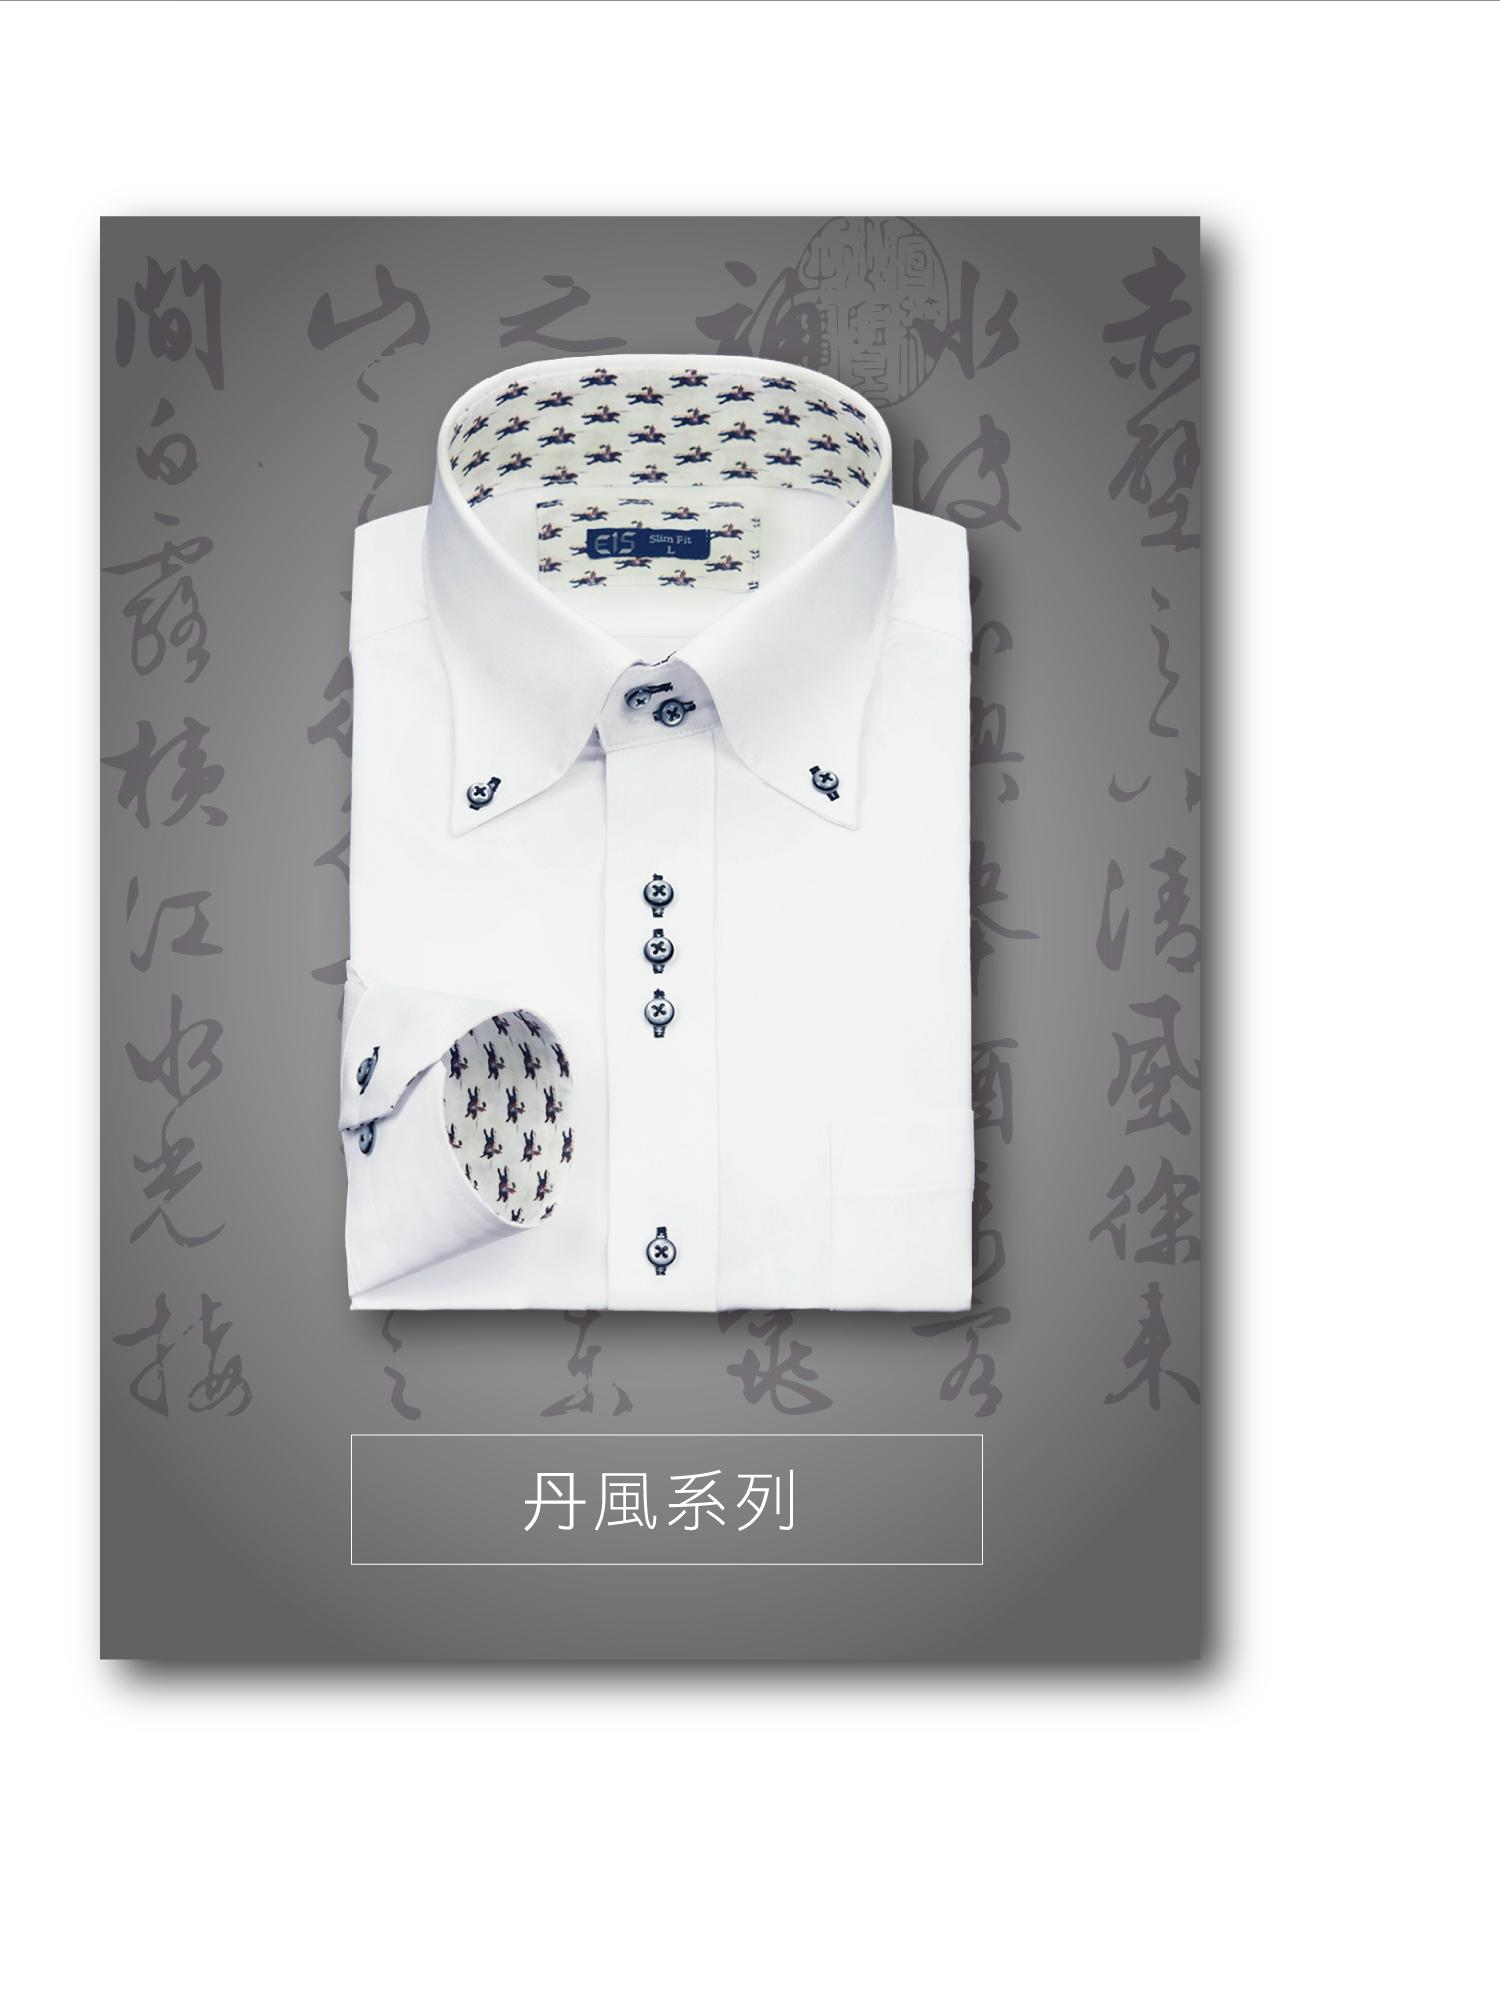 衣十五商務襯衫丹風系列